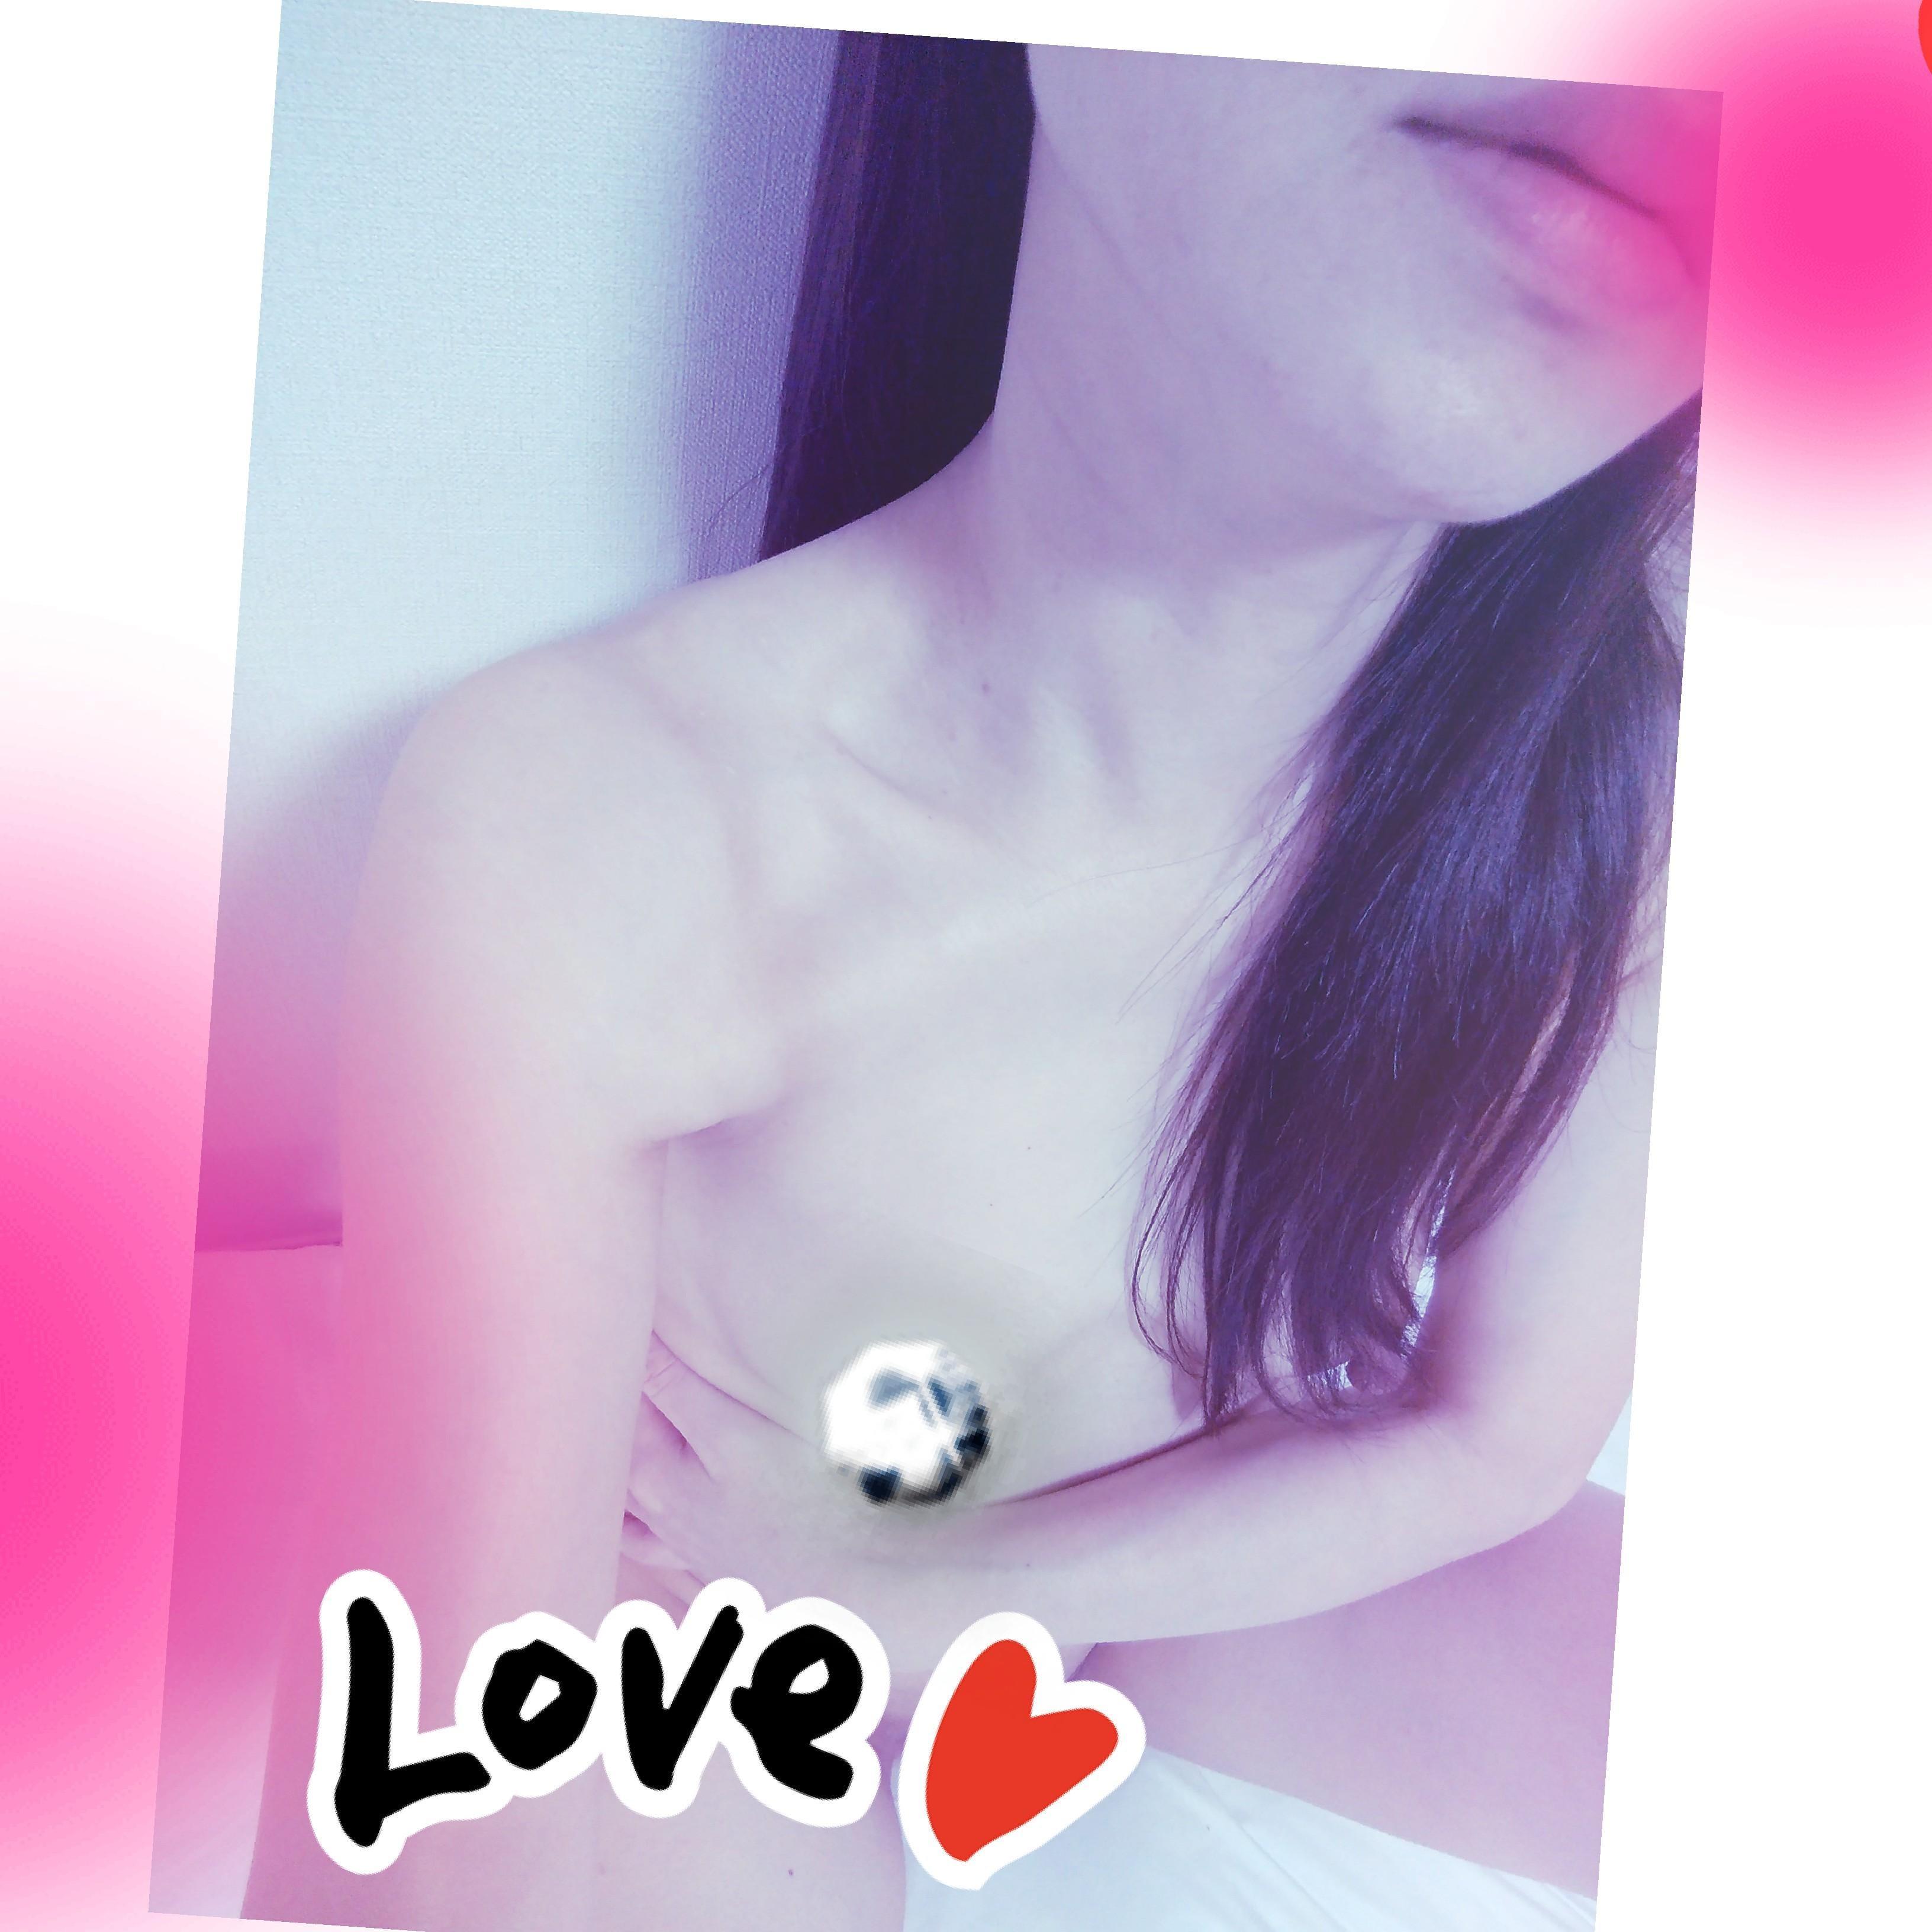 「おはようございます♥♥」07/14(日) 09:03 | りさ★容姿端麗スレンダー美人の写メ・風俗動画